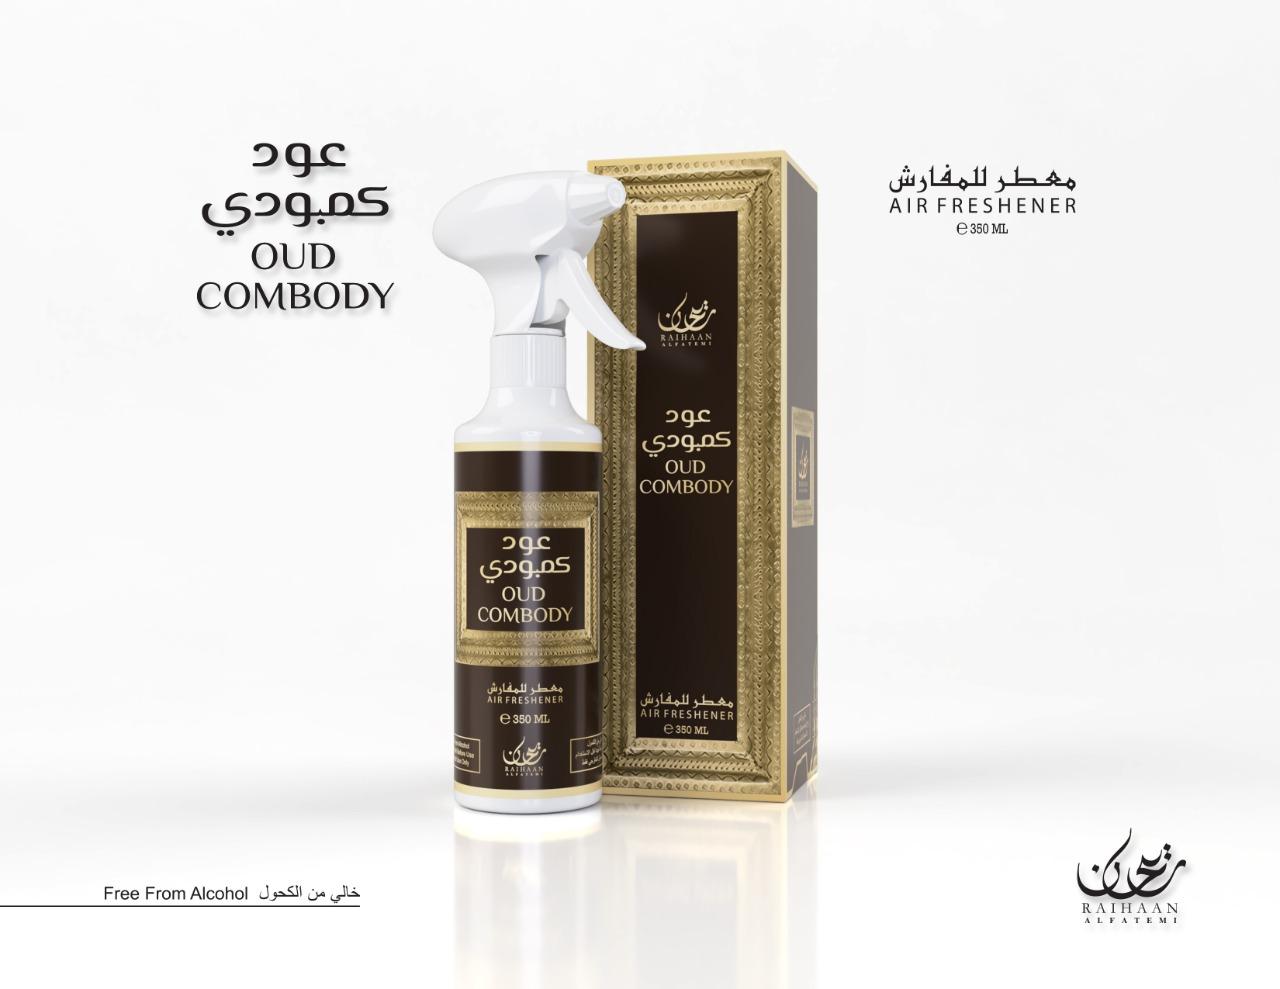 Spray d'intérieur Oud Combodi de la maison de Parfumerie Raihaan Al Fatemi des émirats arabe unis donnera une atmosphère boisé à votre intérieur. Contenance: 350ml.